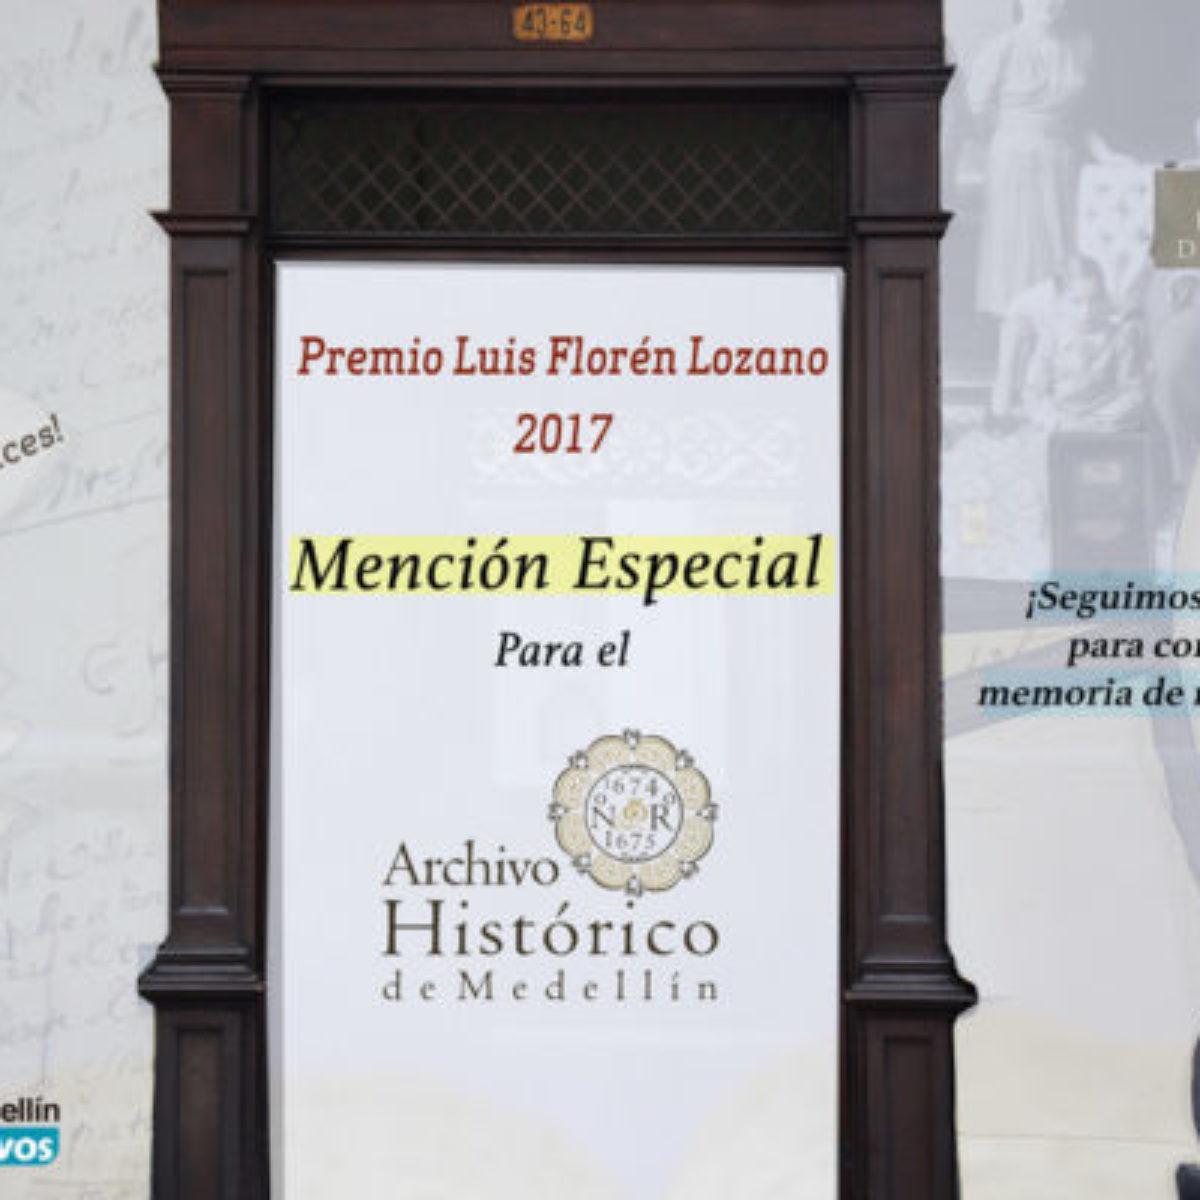 El Archivo Histórico de Medellín recibe mención especial en Premio Luis Florén Lozano